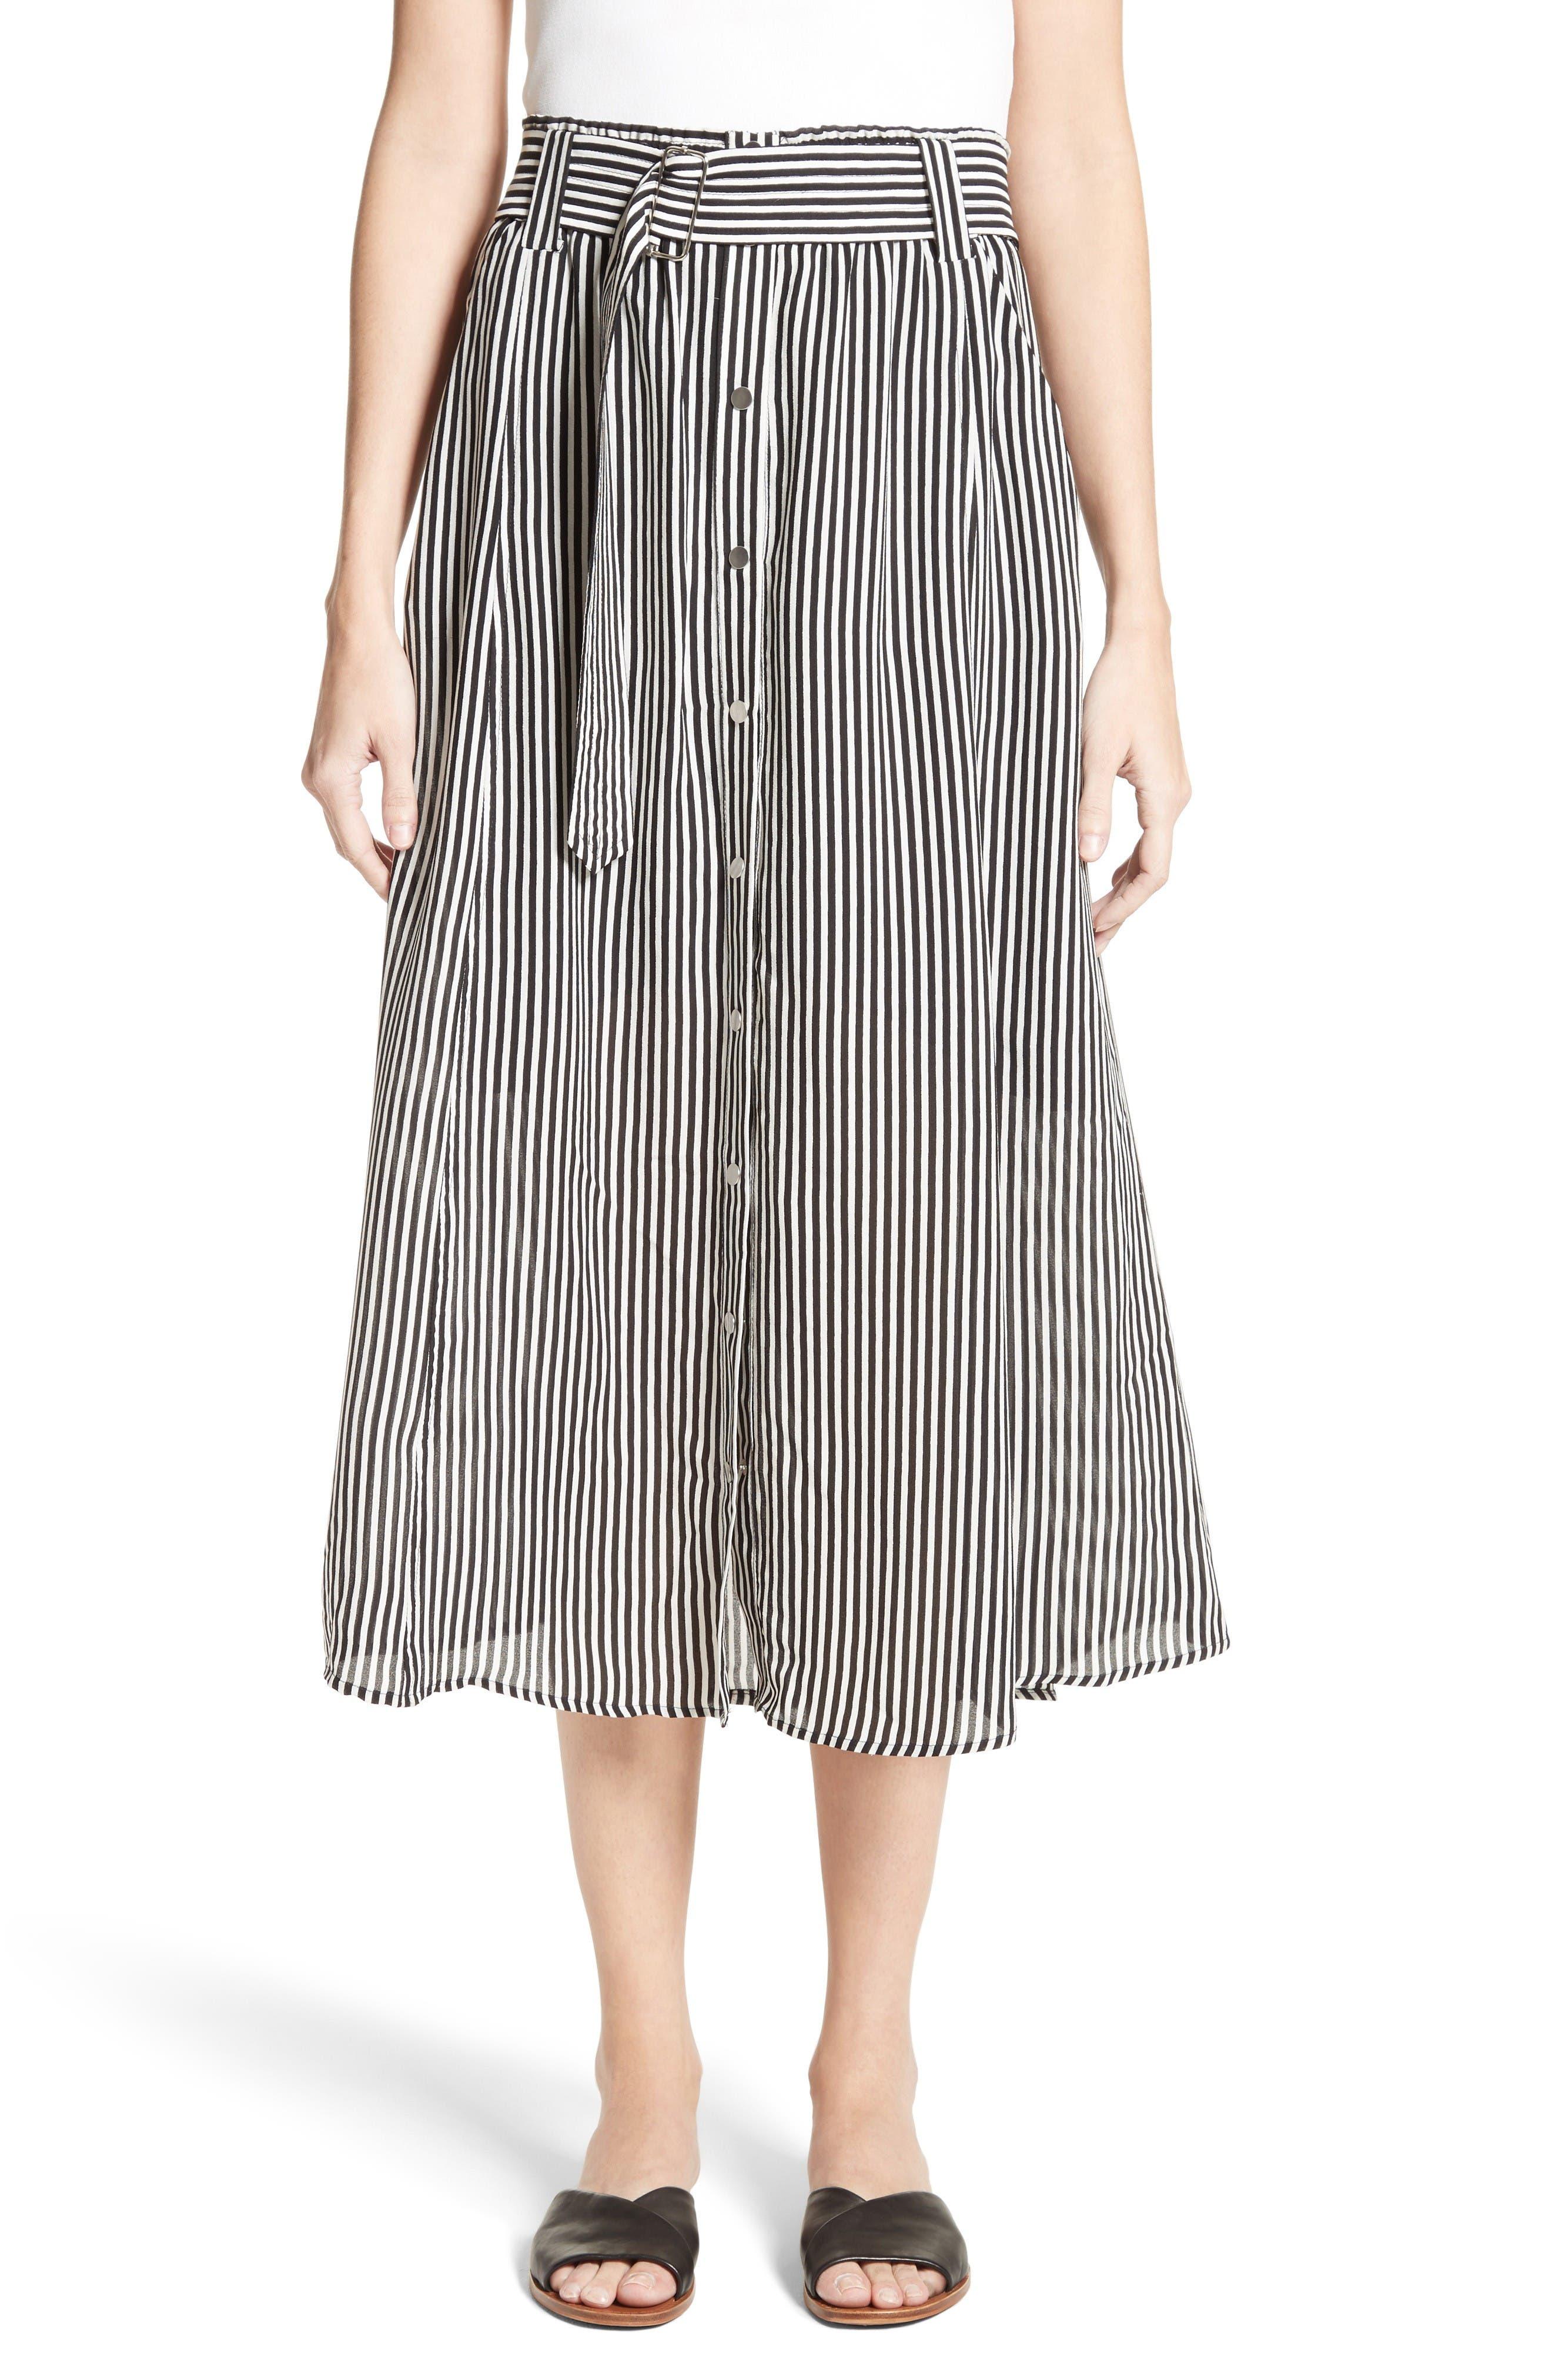 A.L.C. Divya Stripe Midi Skirt